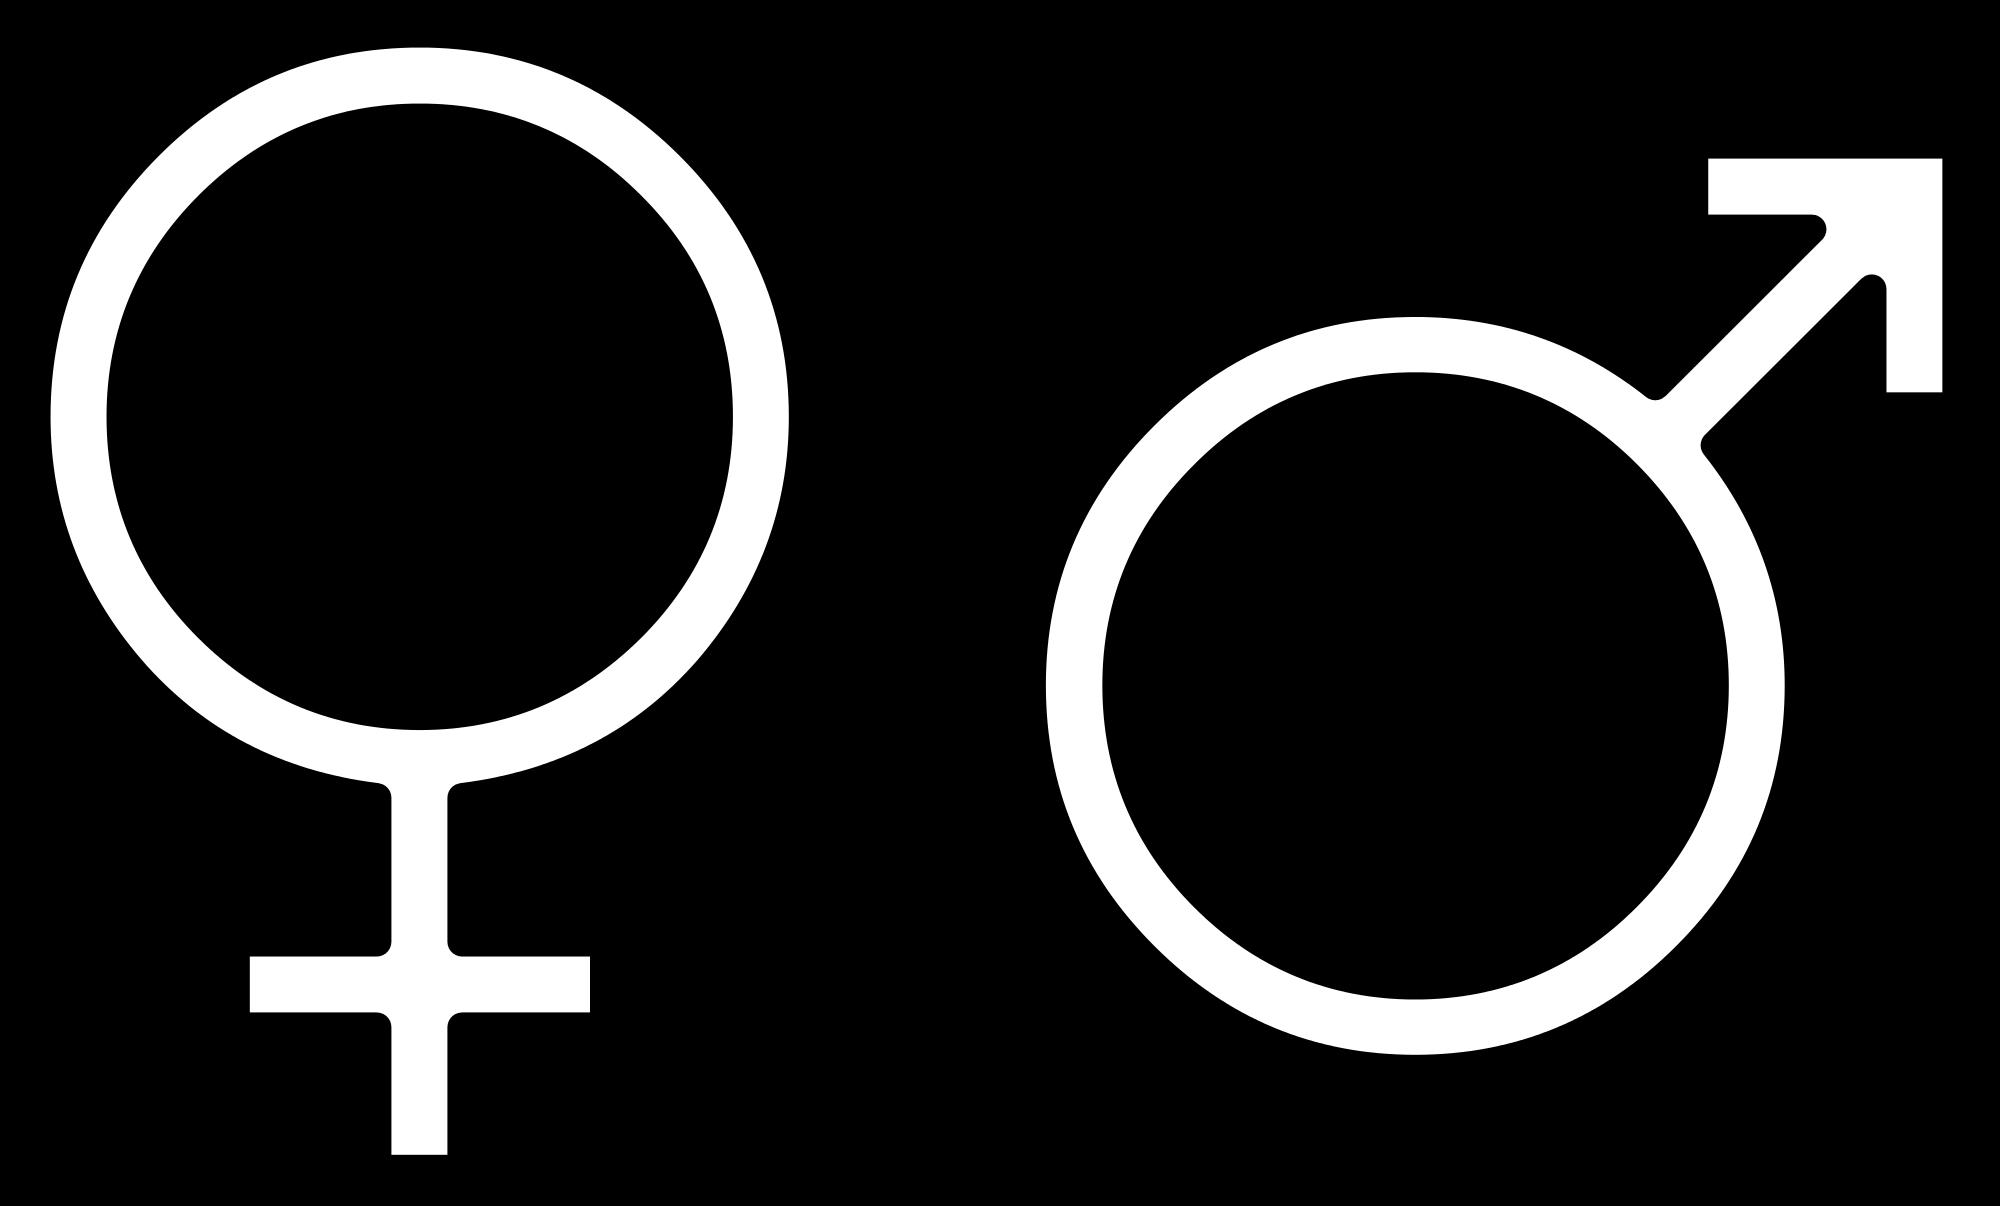 Clipart pig fetal pig. File gender symbols side